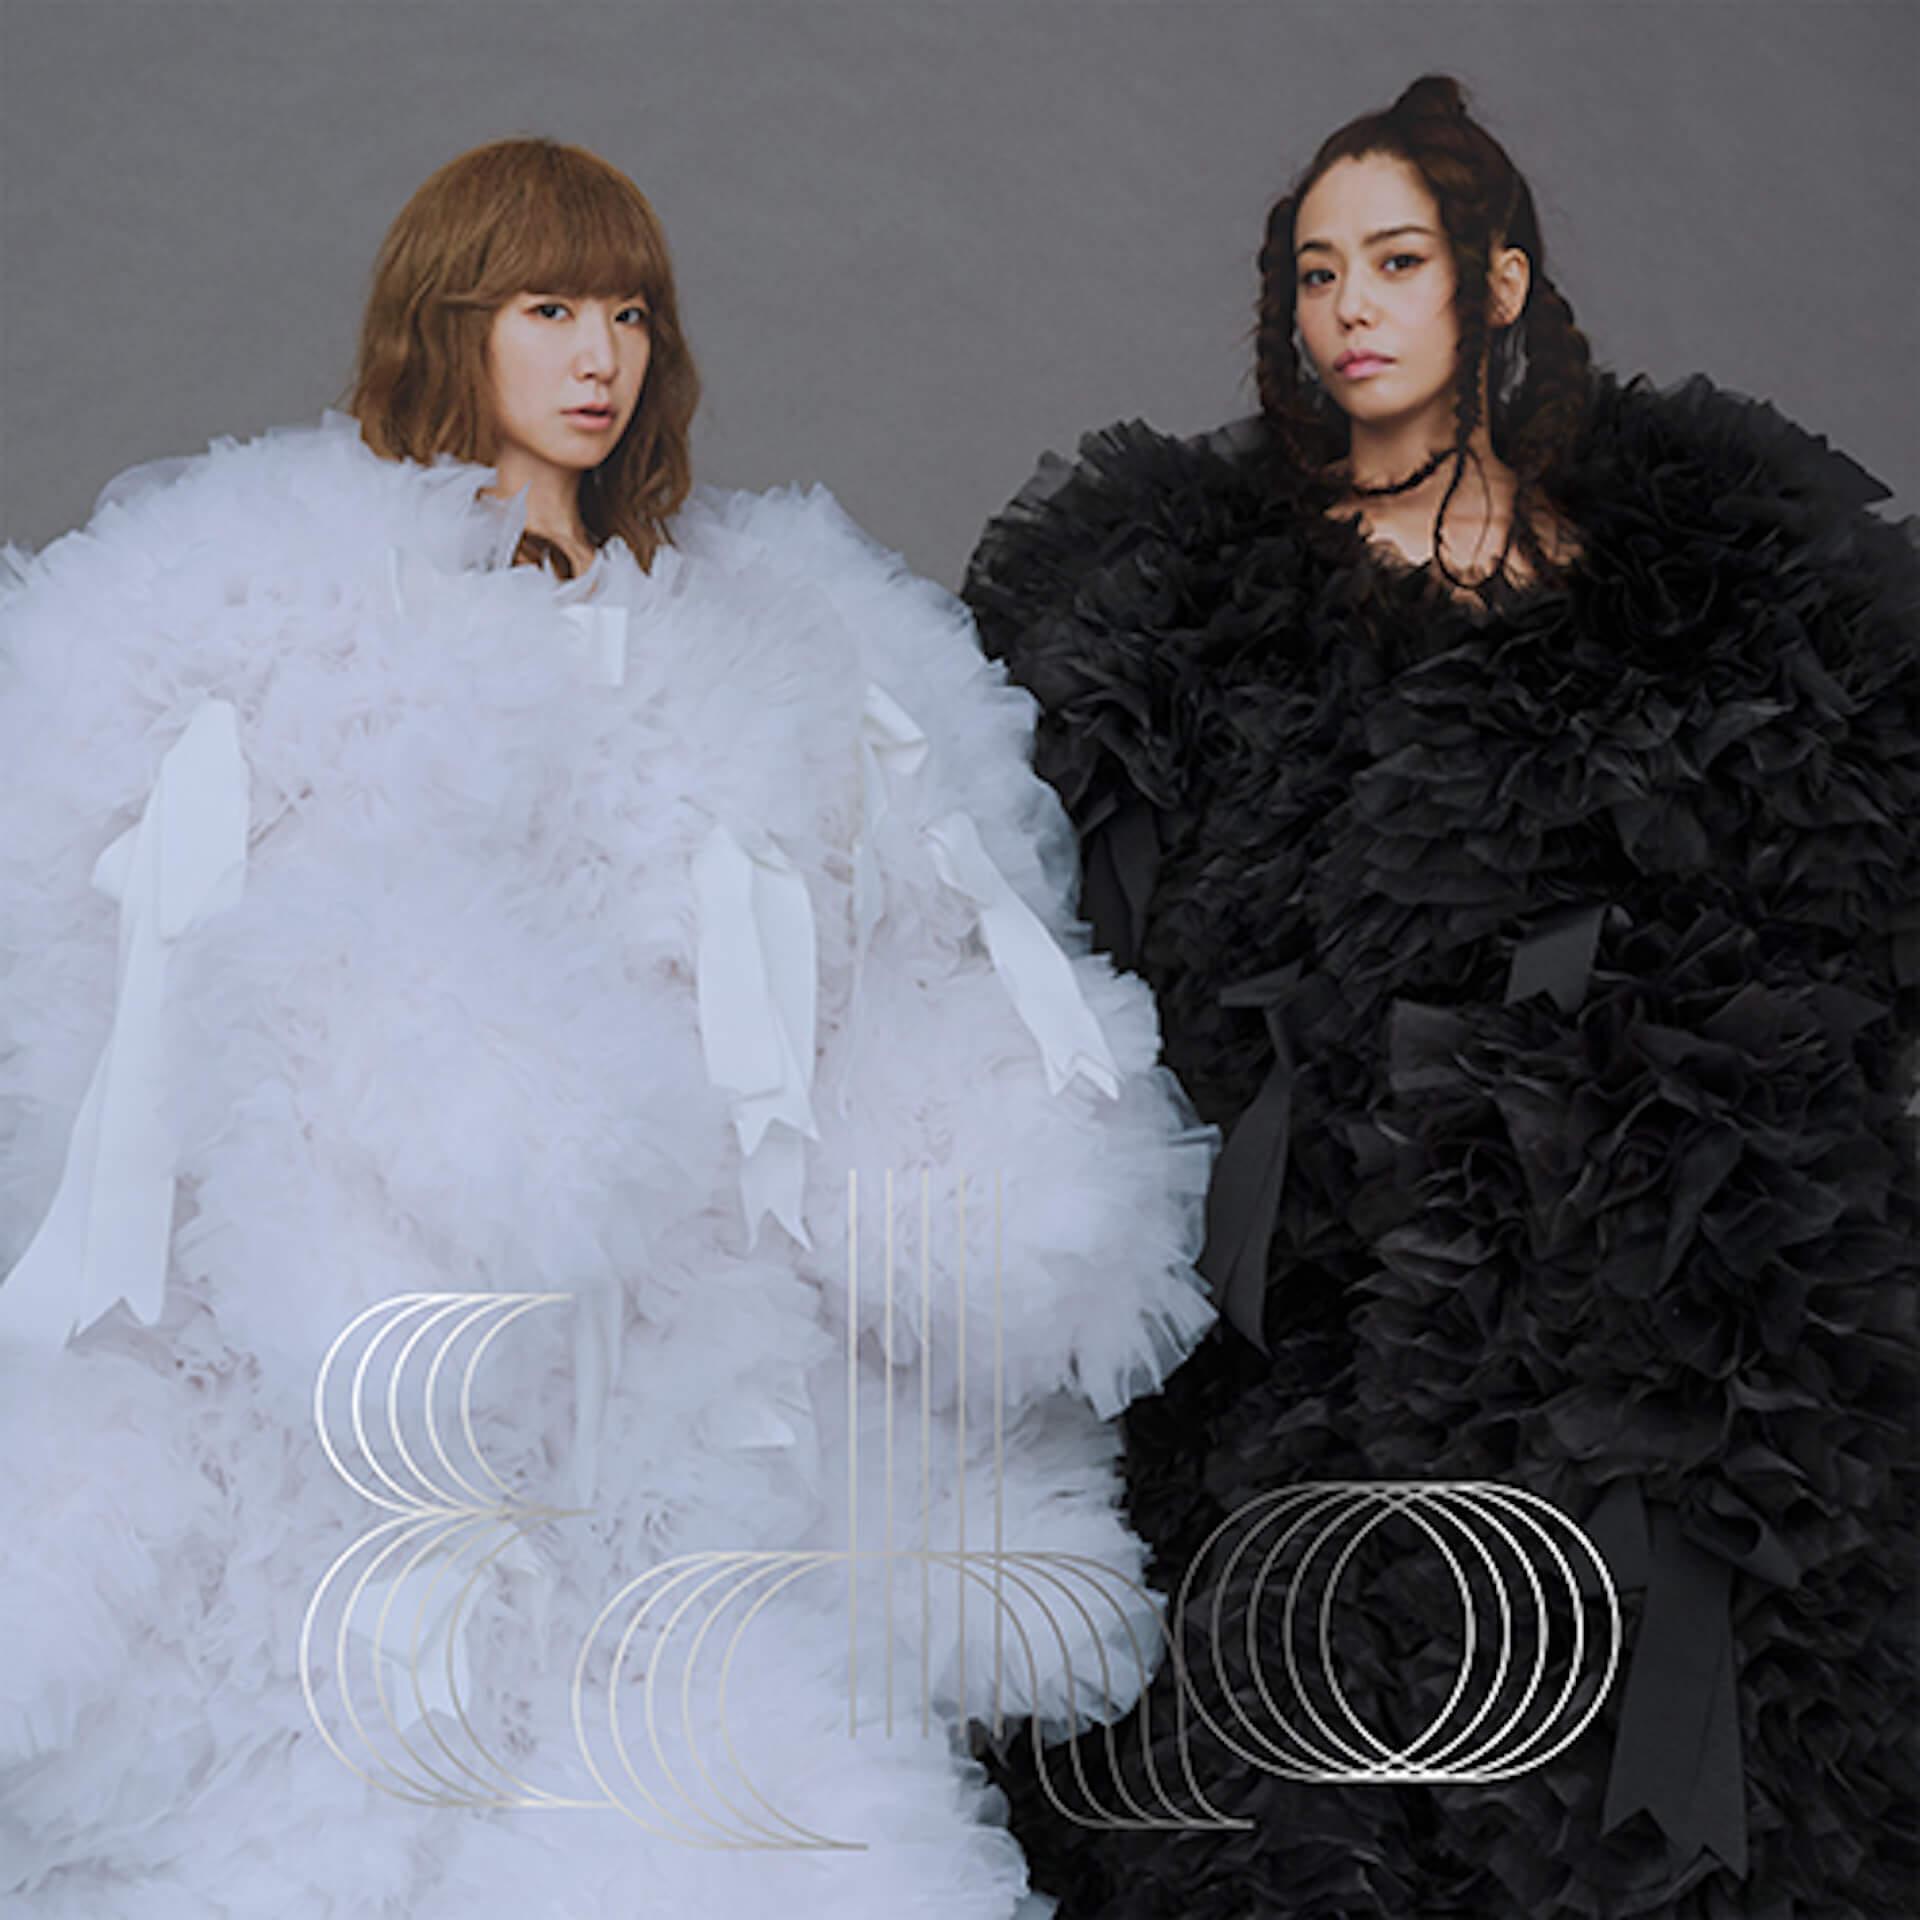 Chara+YUKIの新ミニアルバム『echo』に参加したミュージシャンのコメントが解禁!TENDRE、大沢伸一、Seiho、mabanuaら参加 music200117_charayuki_2